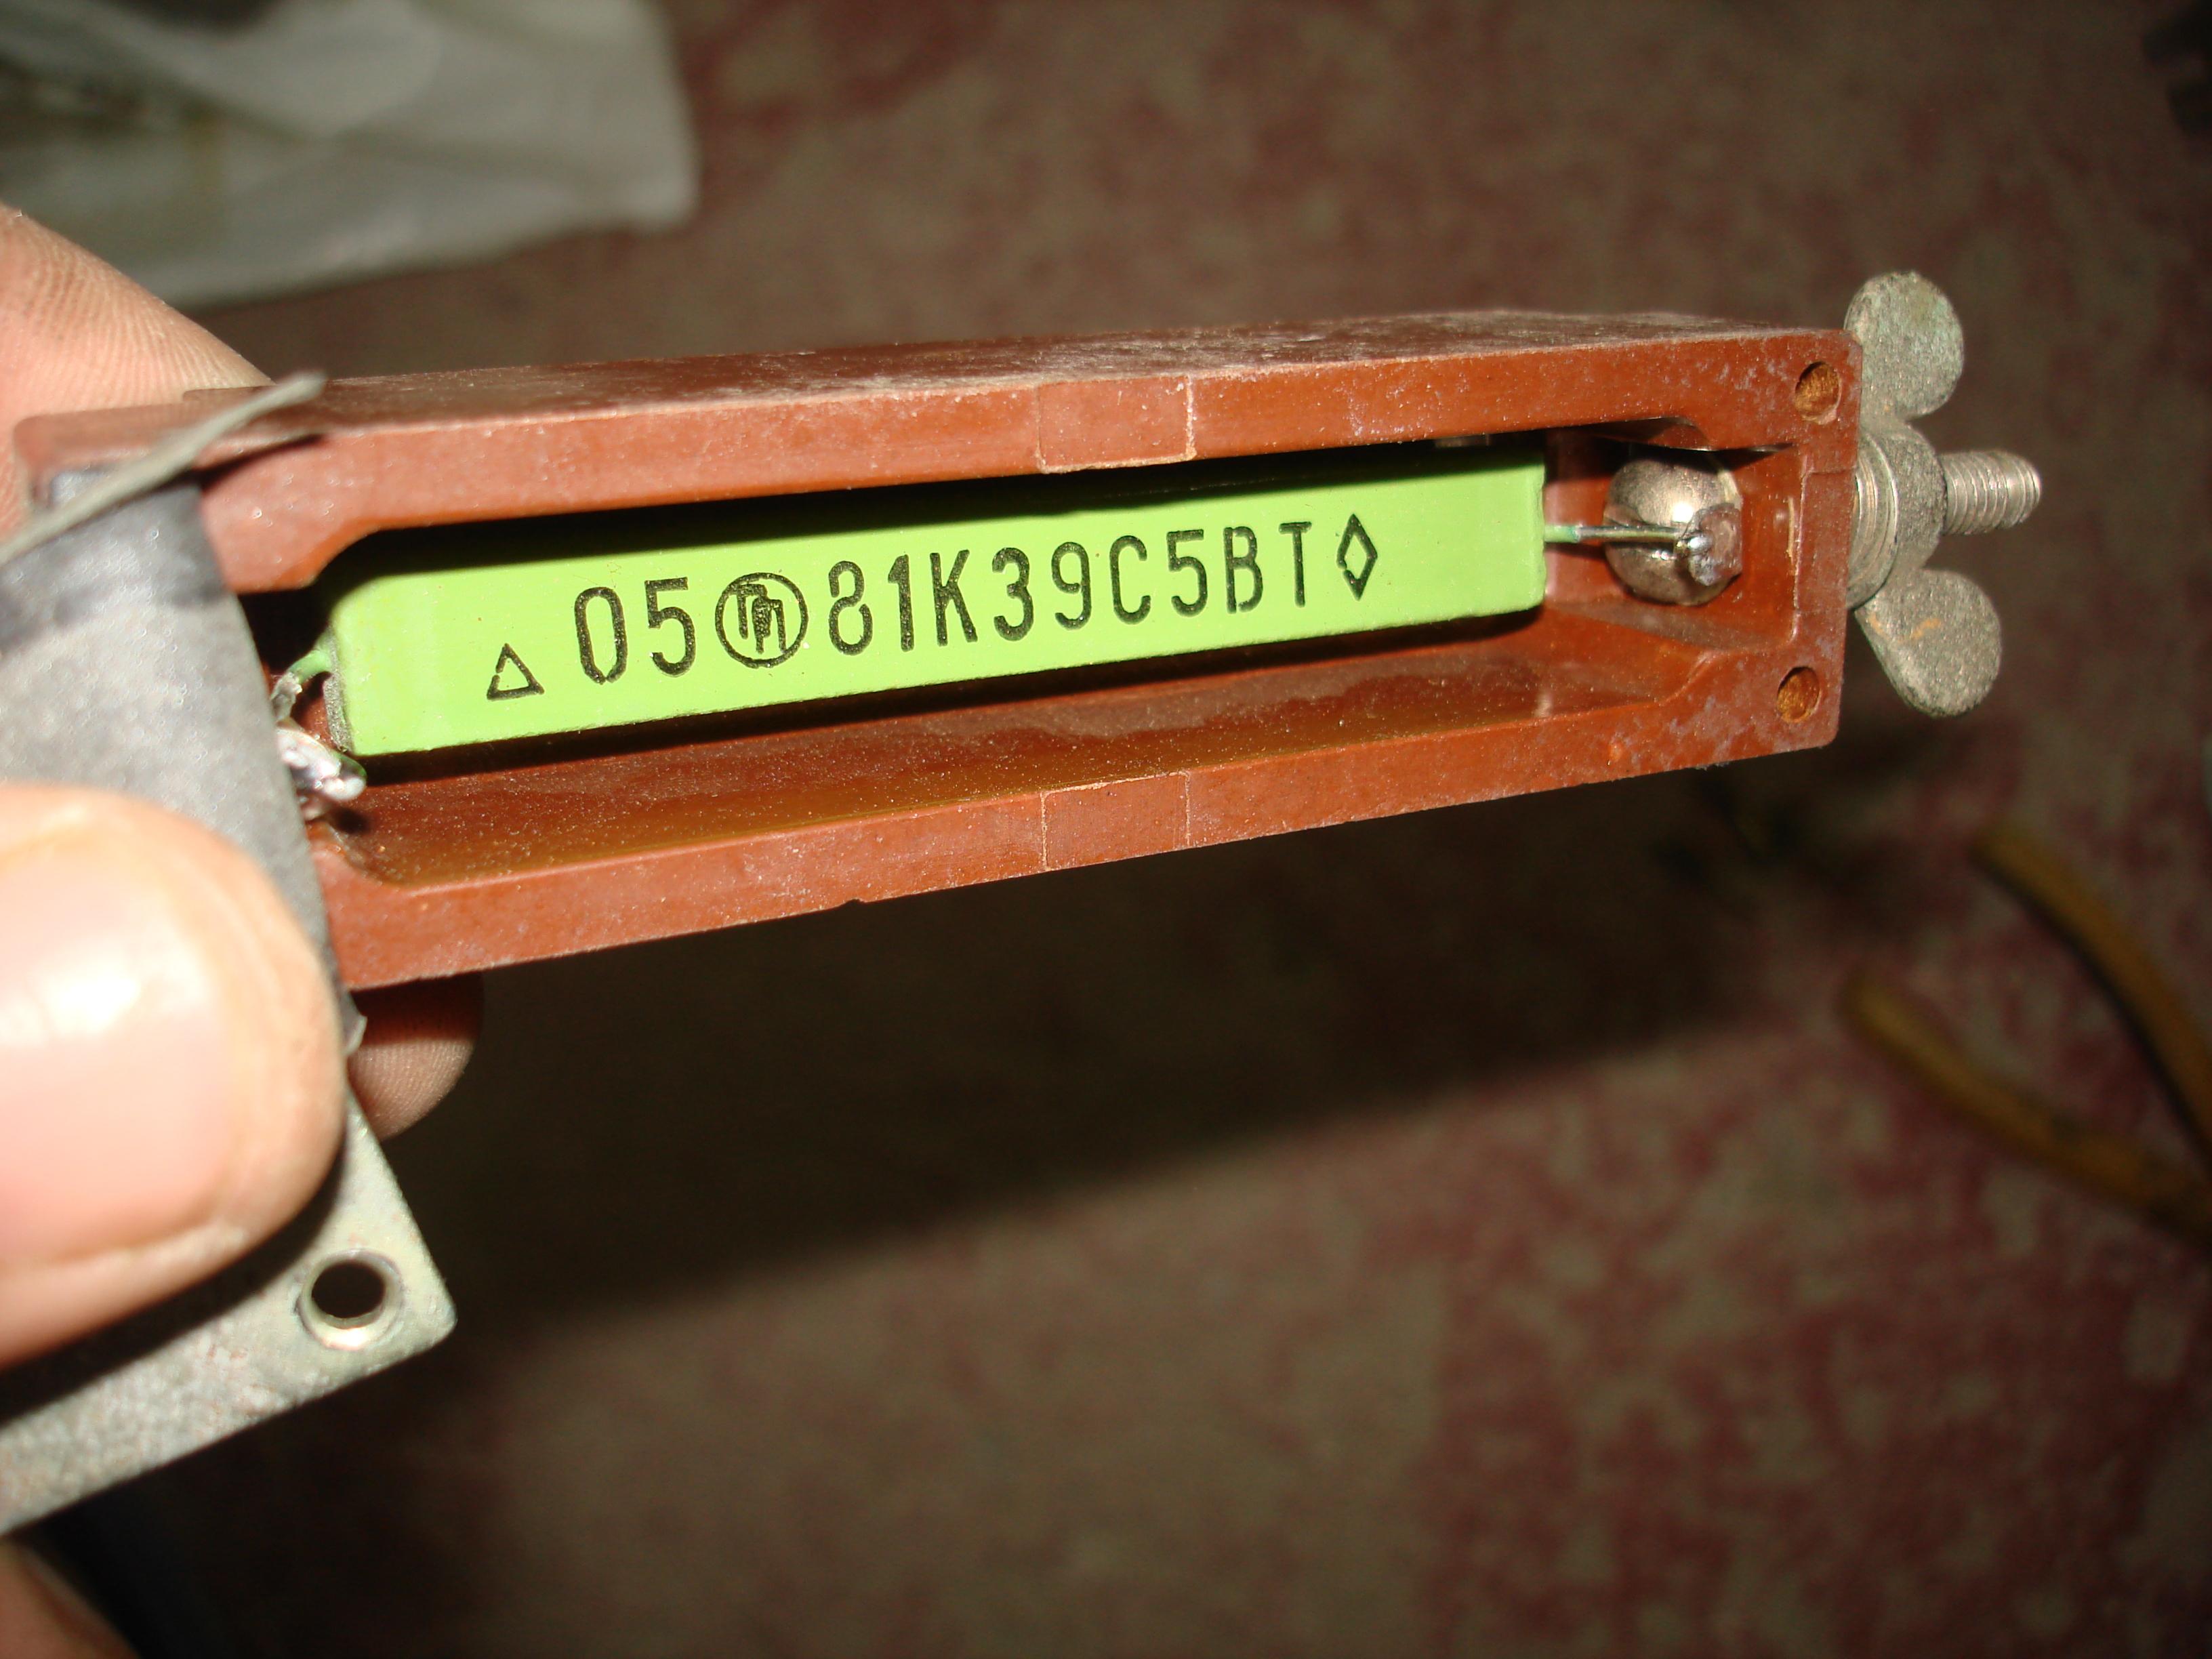 Нажмите на изображение для увеличения.  Название:DSC07065.JPG Просмотров:5 Размер:2.73 Мб ID:197577